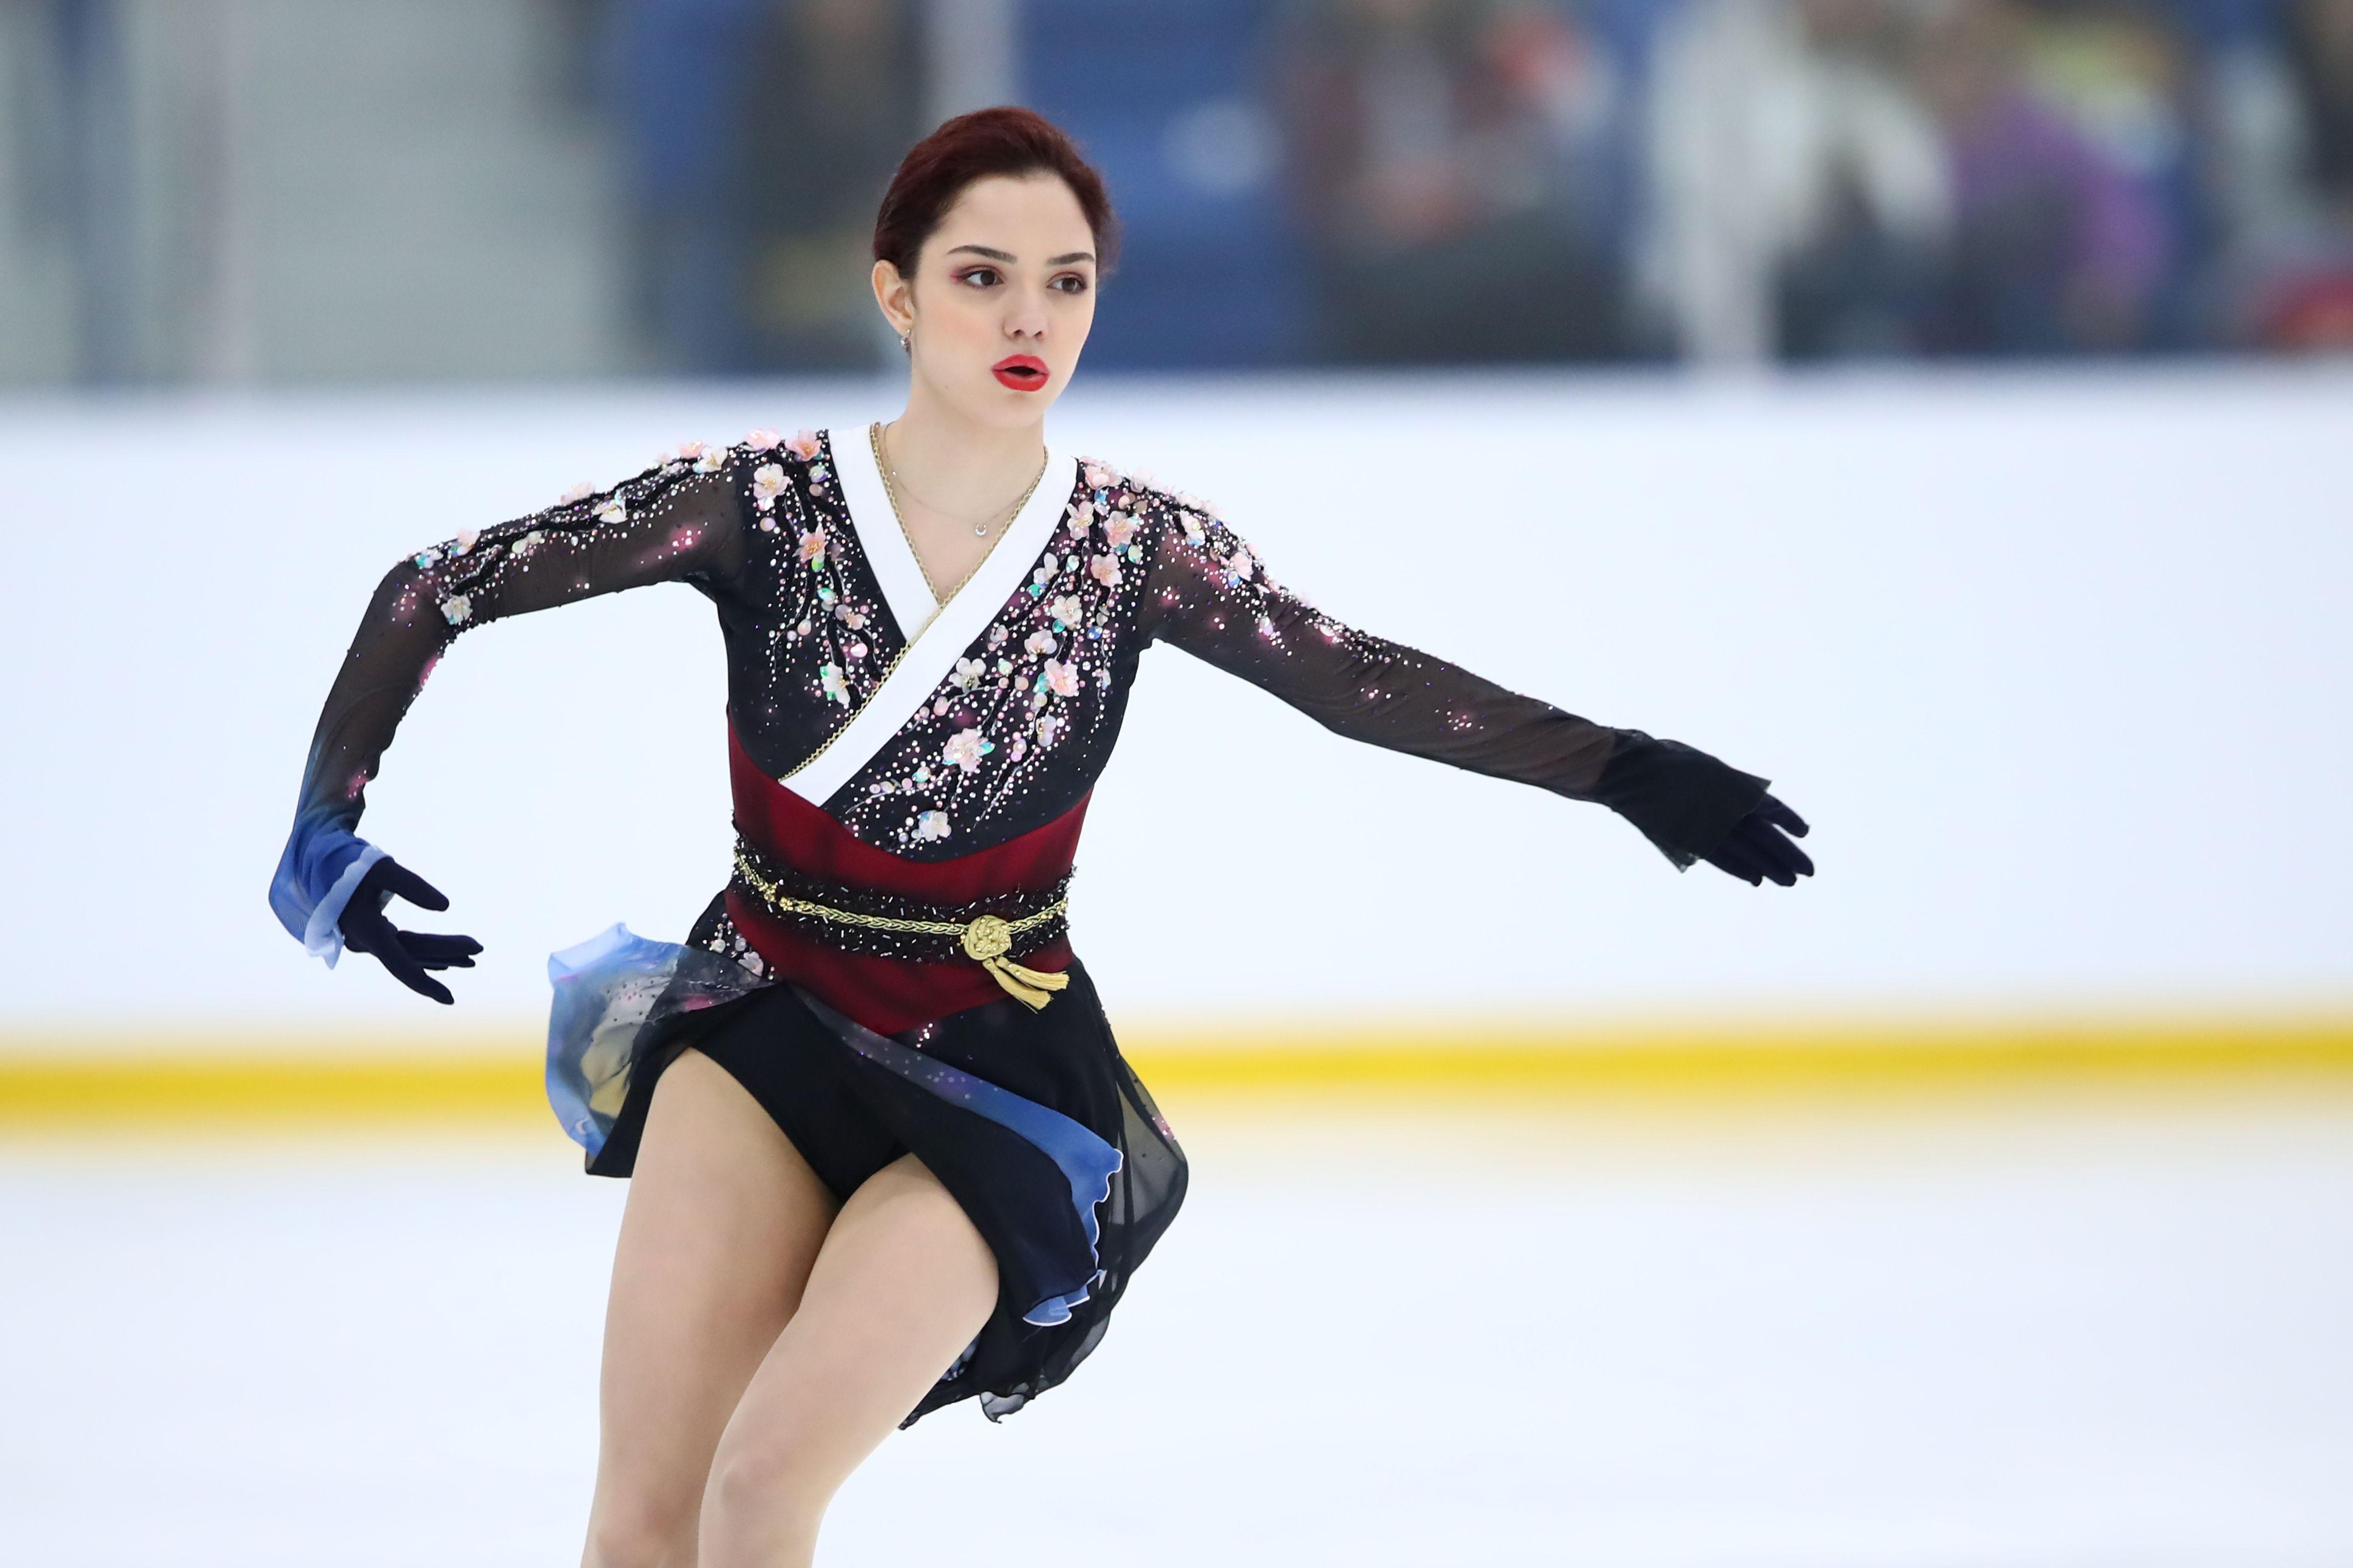 Медведева не будет выступать на этапе Кубка России в Казани